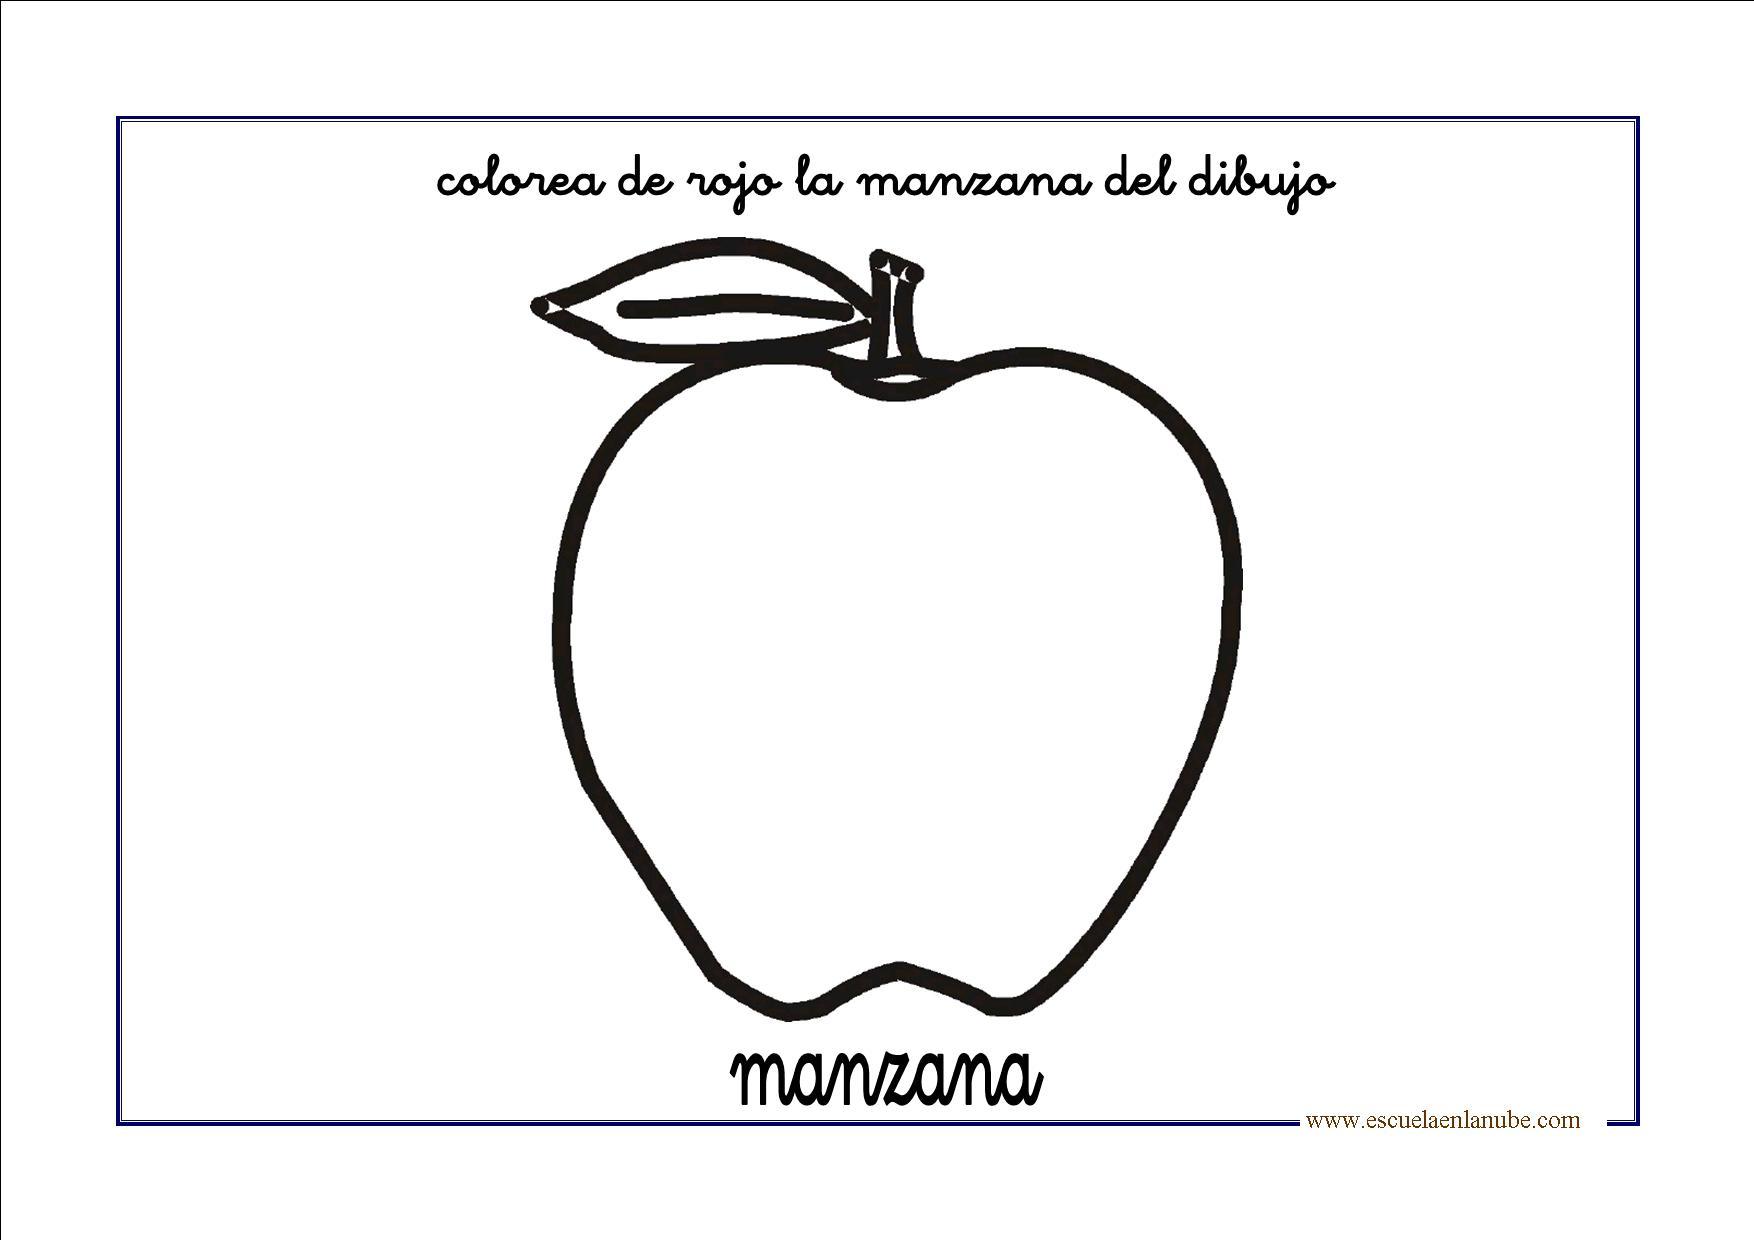 Moderno Colorear La Imagen De Una Manzana Elaboración - Ideas ...